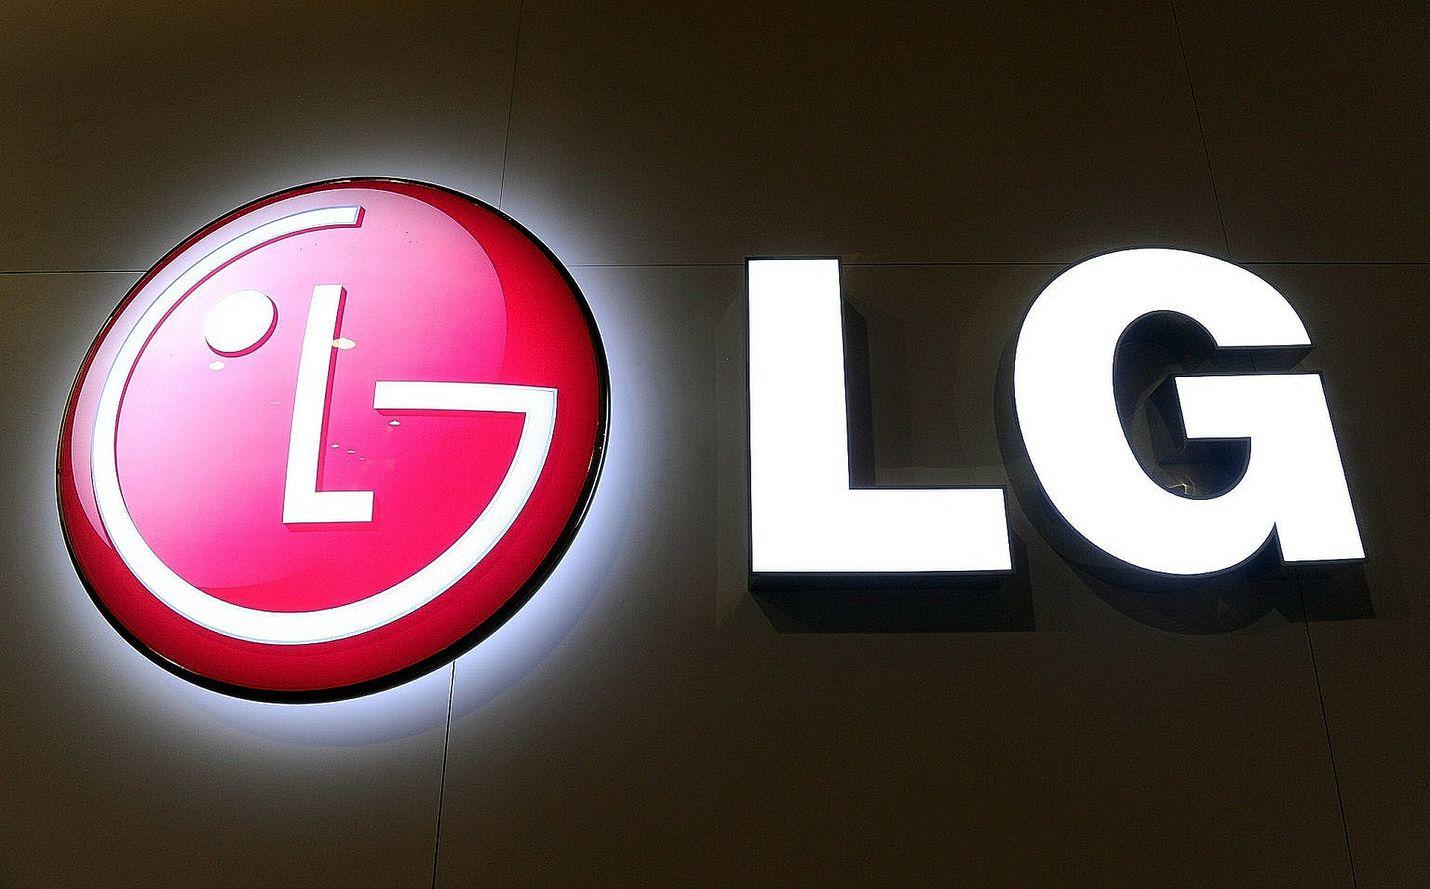 LG suunnittelee Turun yksikköön pitkäaikaista sijoitusta.